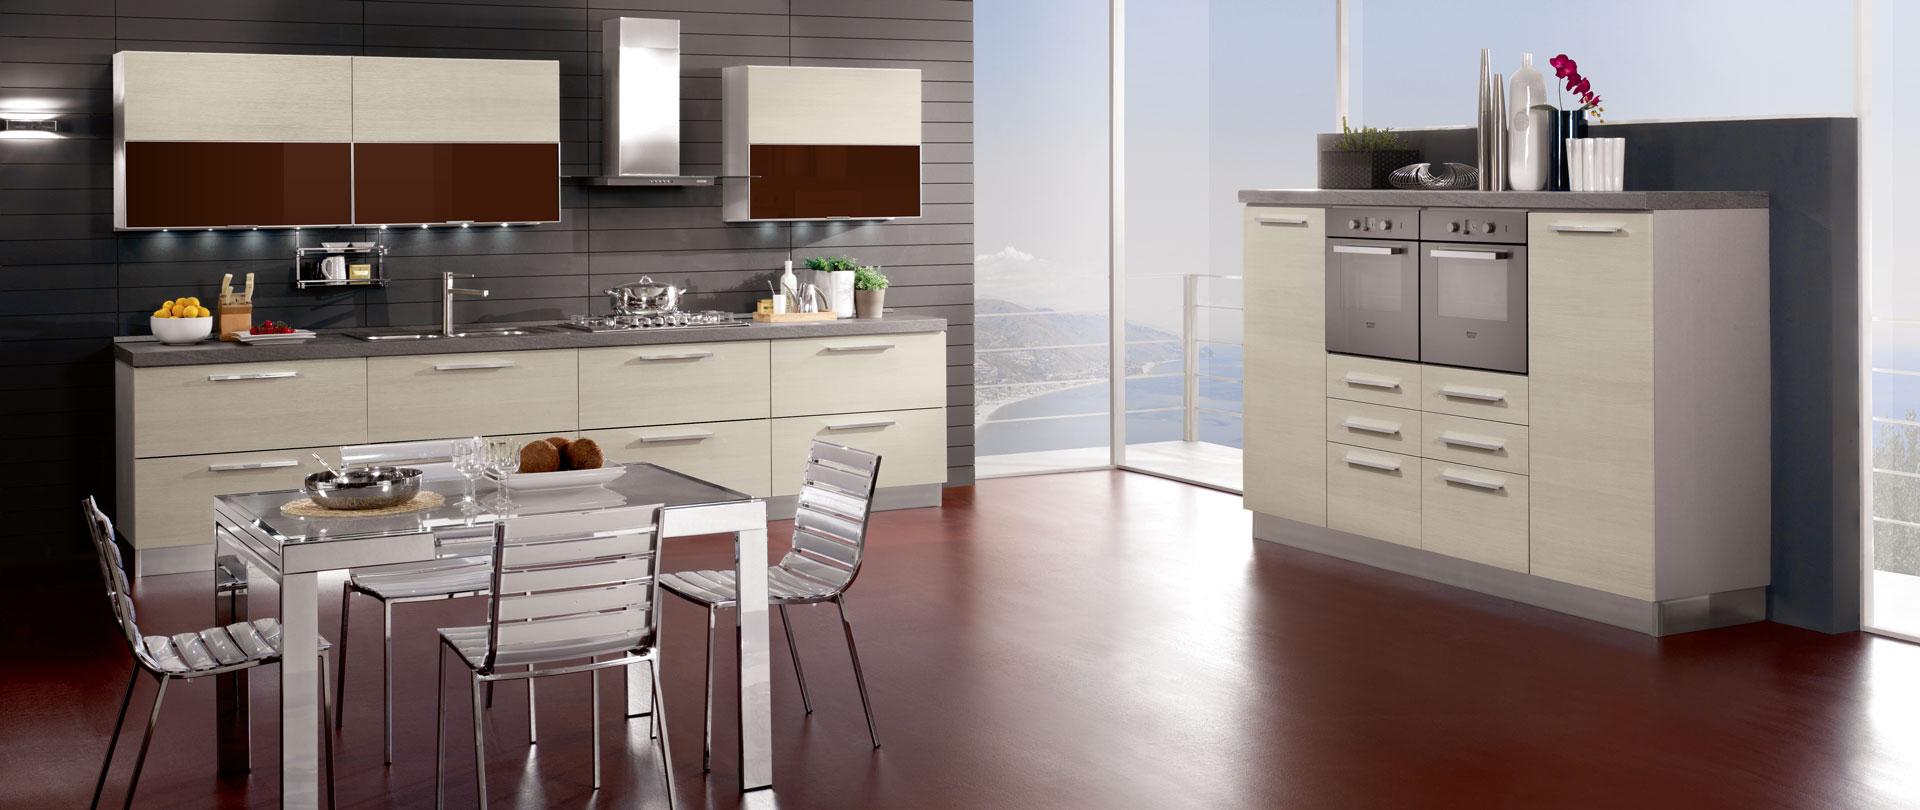 Brio cucinissima for Cucina moderna settembre 2018